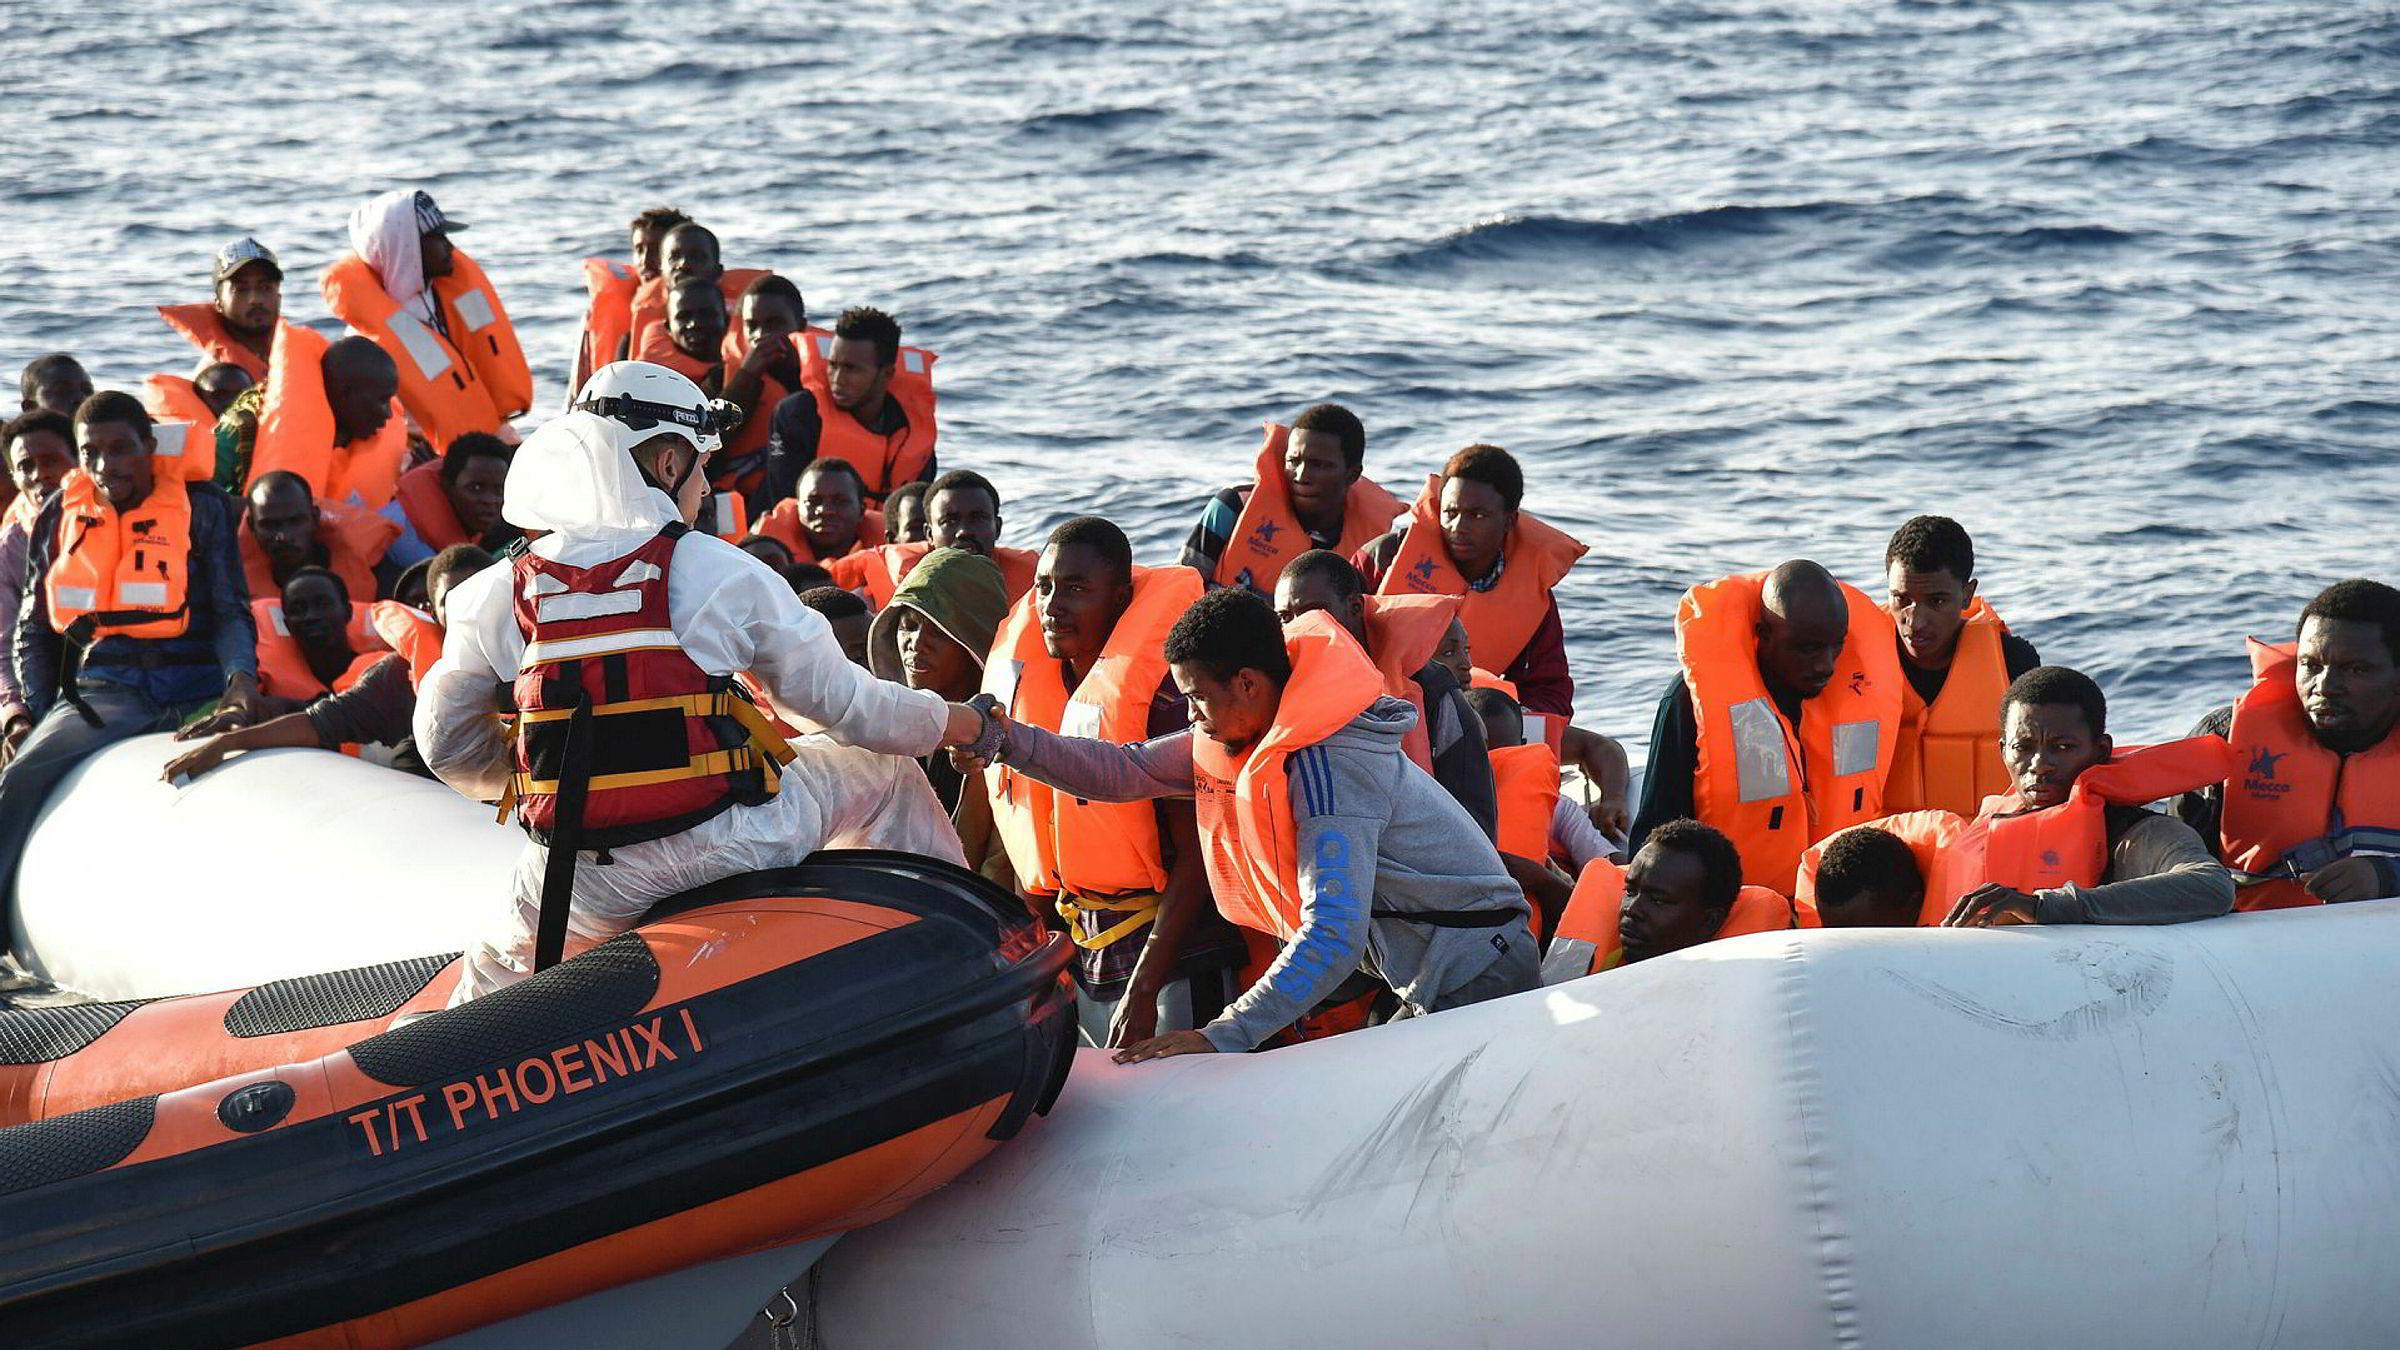 Straks en båtflyktning setter fot på et italiensk kystvaktskip, er hun under italiensk jurisdiksjon. Da kan hun ikke returneres gruppevis, men har krav på individuell behandling av sin asylsøknad med tolk, juridisk bistand, klagemulighet osv., skriver artikkelforfatteren.